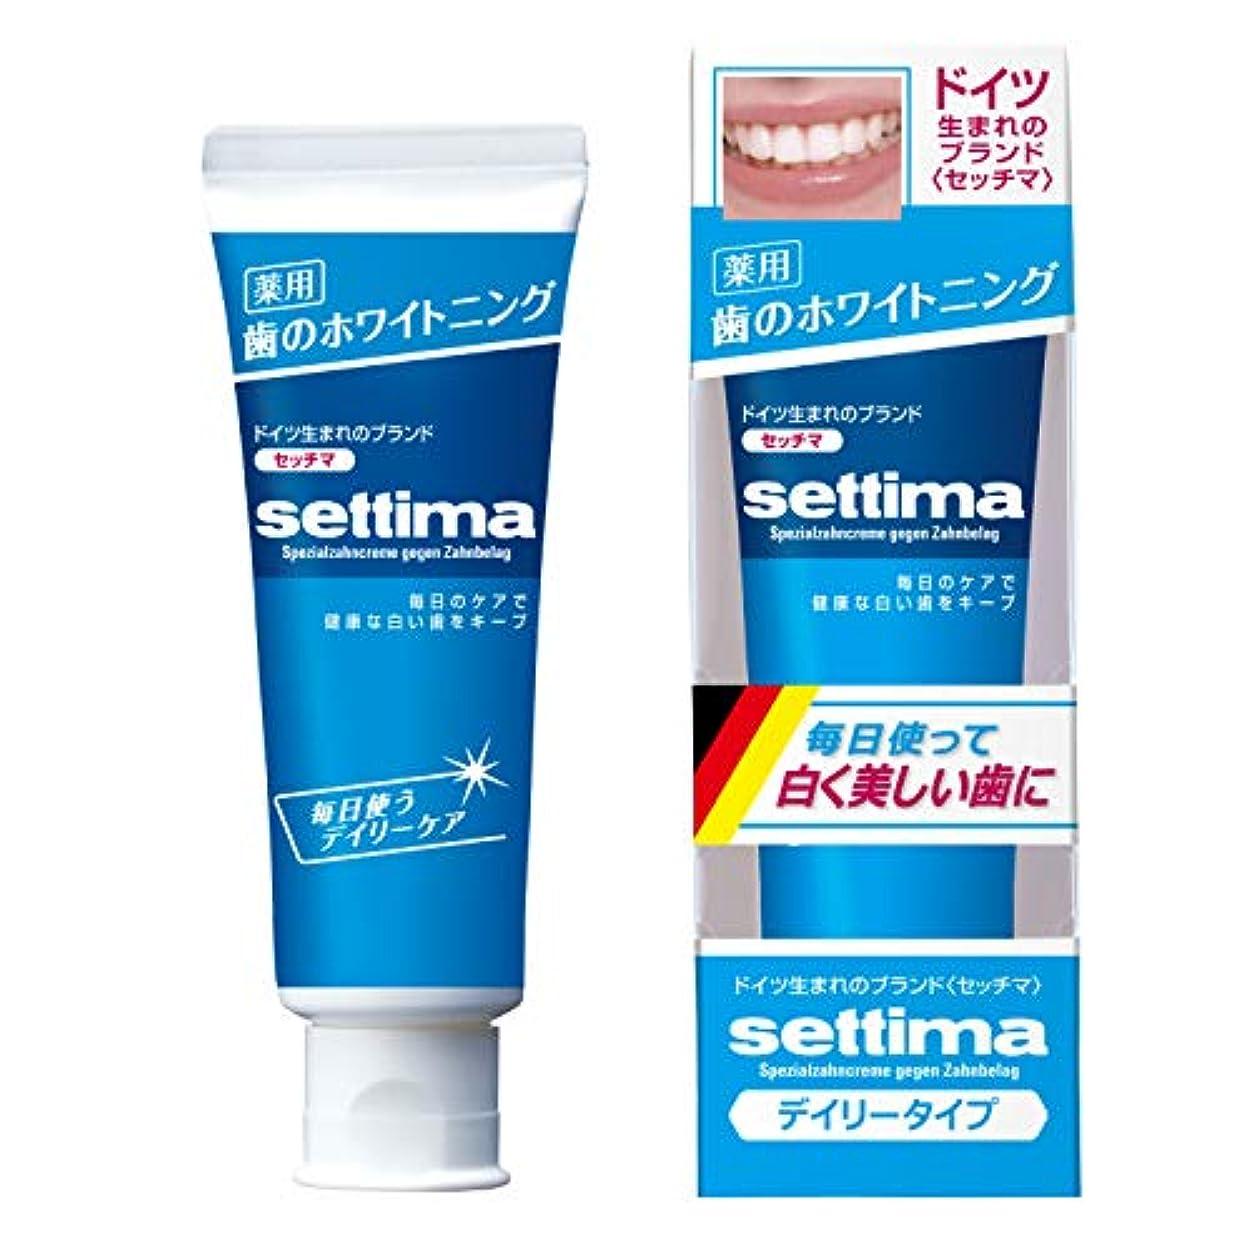 サバントホテル占めるsettima(セッチマ) ホワイトニング 歯みがき デイリーケア [ファインミントタイプ]  80g